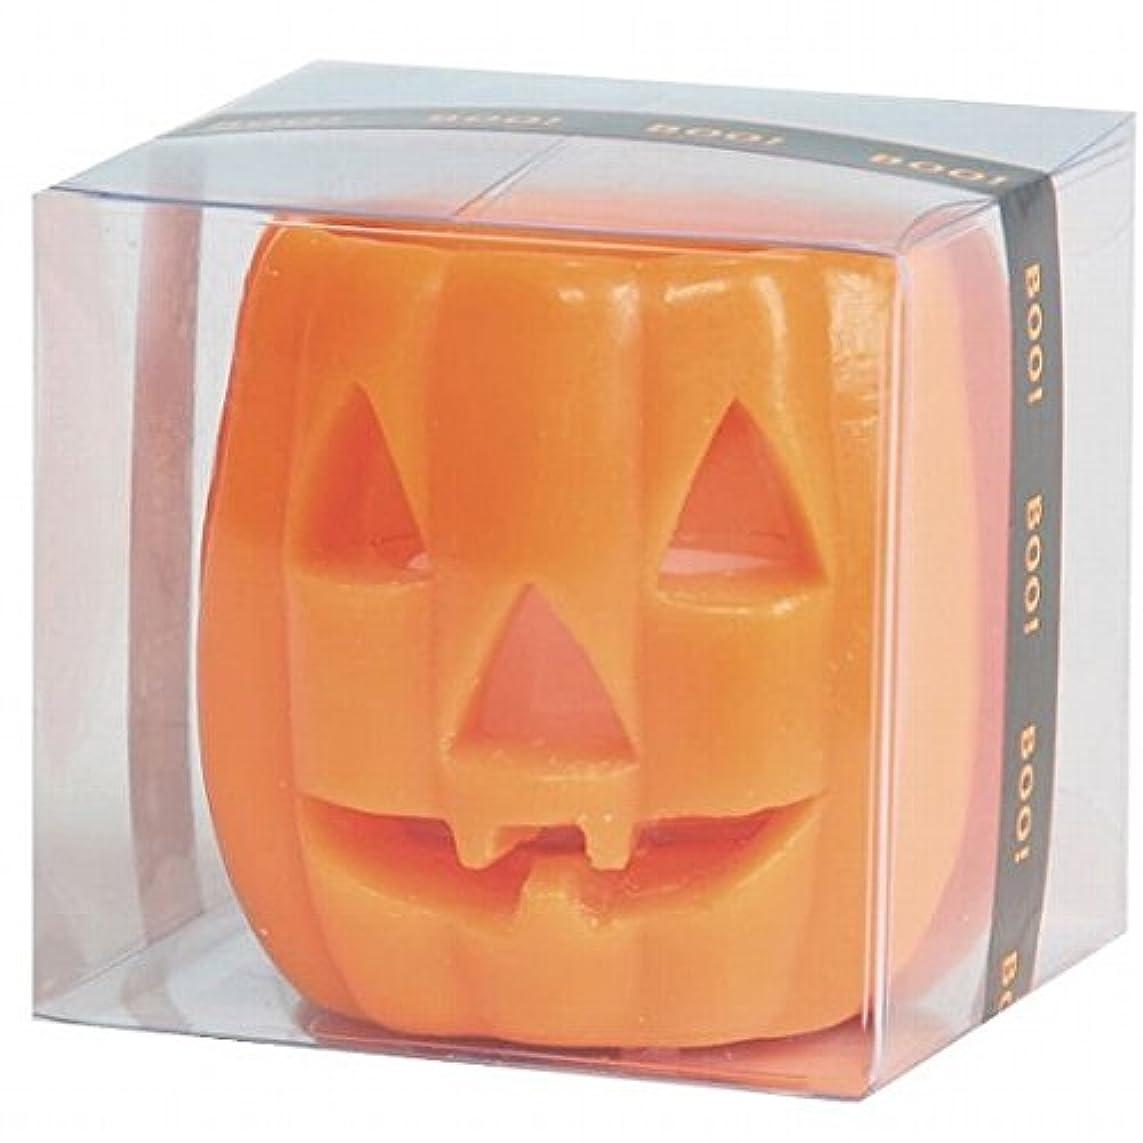 土器オセアニア目的カメヤマキャンドル(kameyama candle) パンプキンフェイスS 「 オレンジ 」 キャンドル